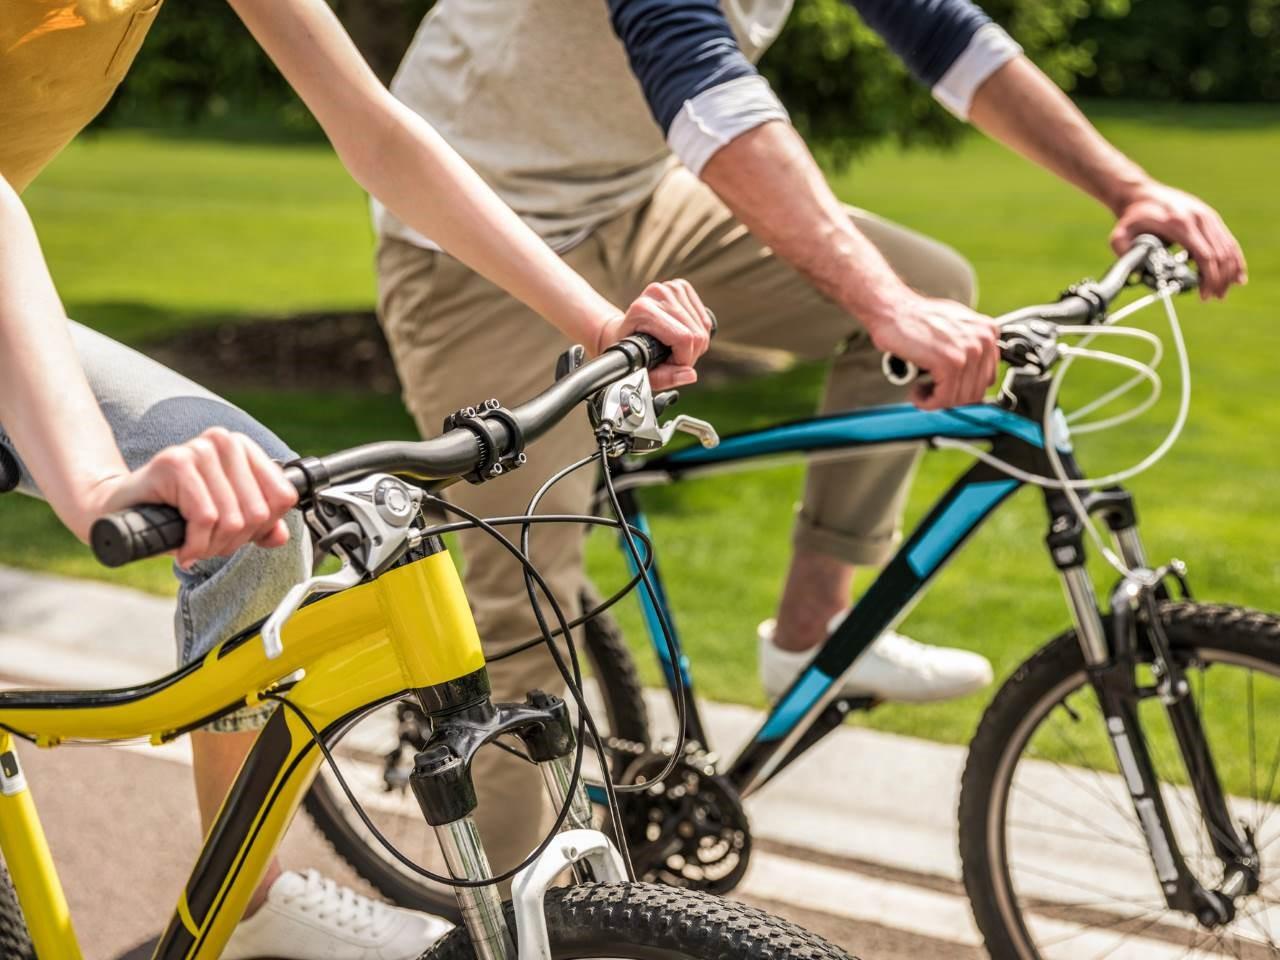 Wie viele Kilometer mit dem Fahrrad, um Gewicht zu verlieren